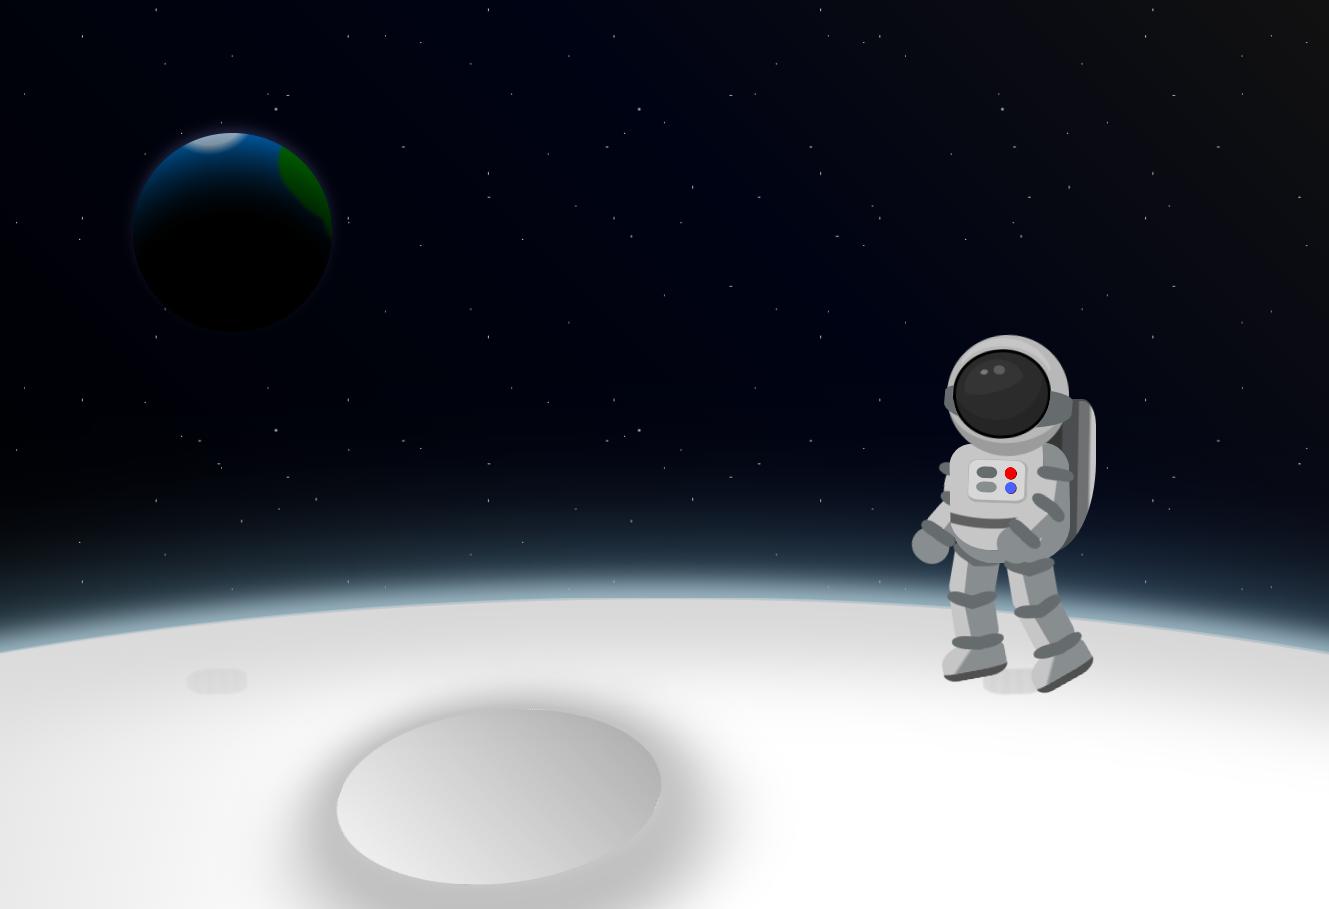 月球上行走的宇航员场景特效